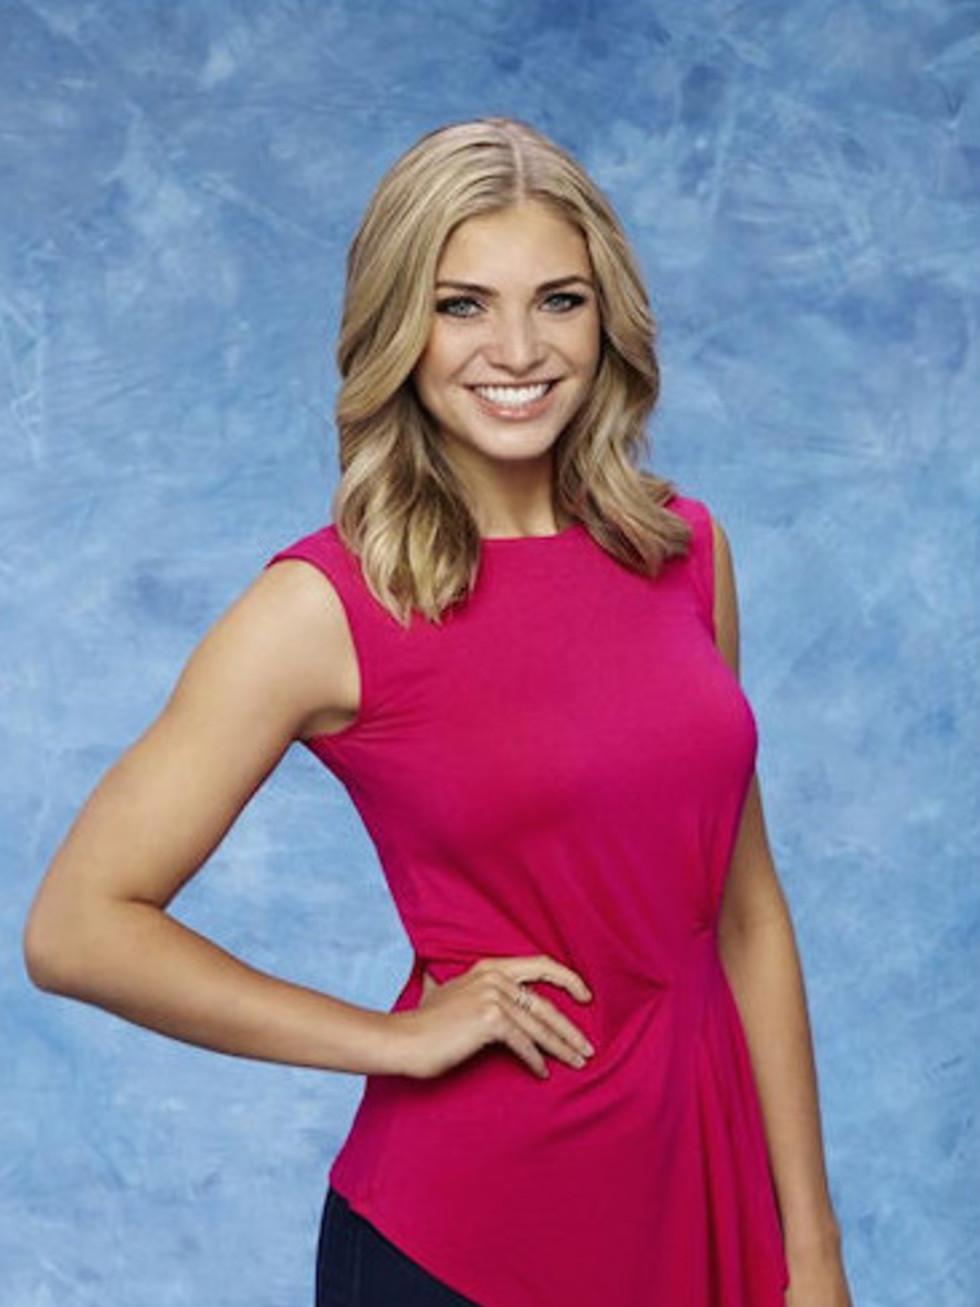 Houston, The Bachelor season 20, December 2015, Olivia from Austin